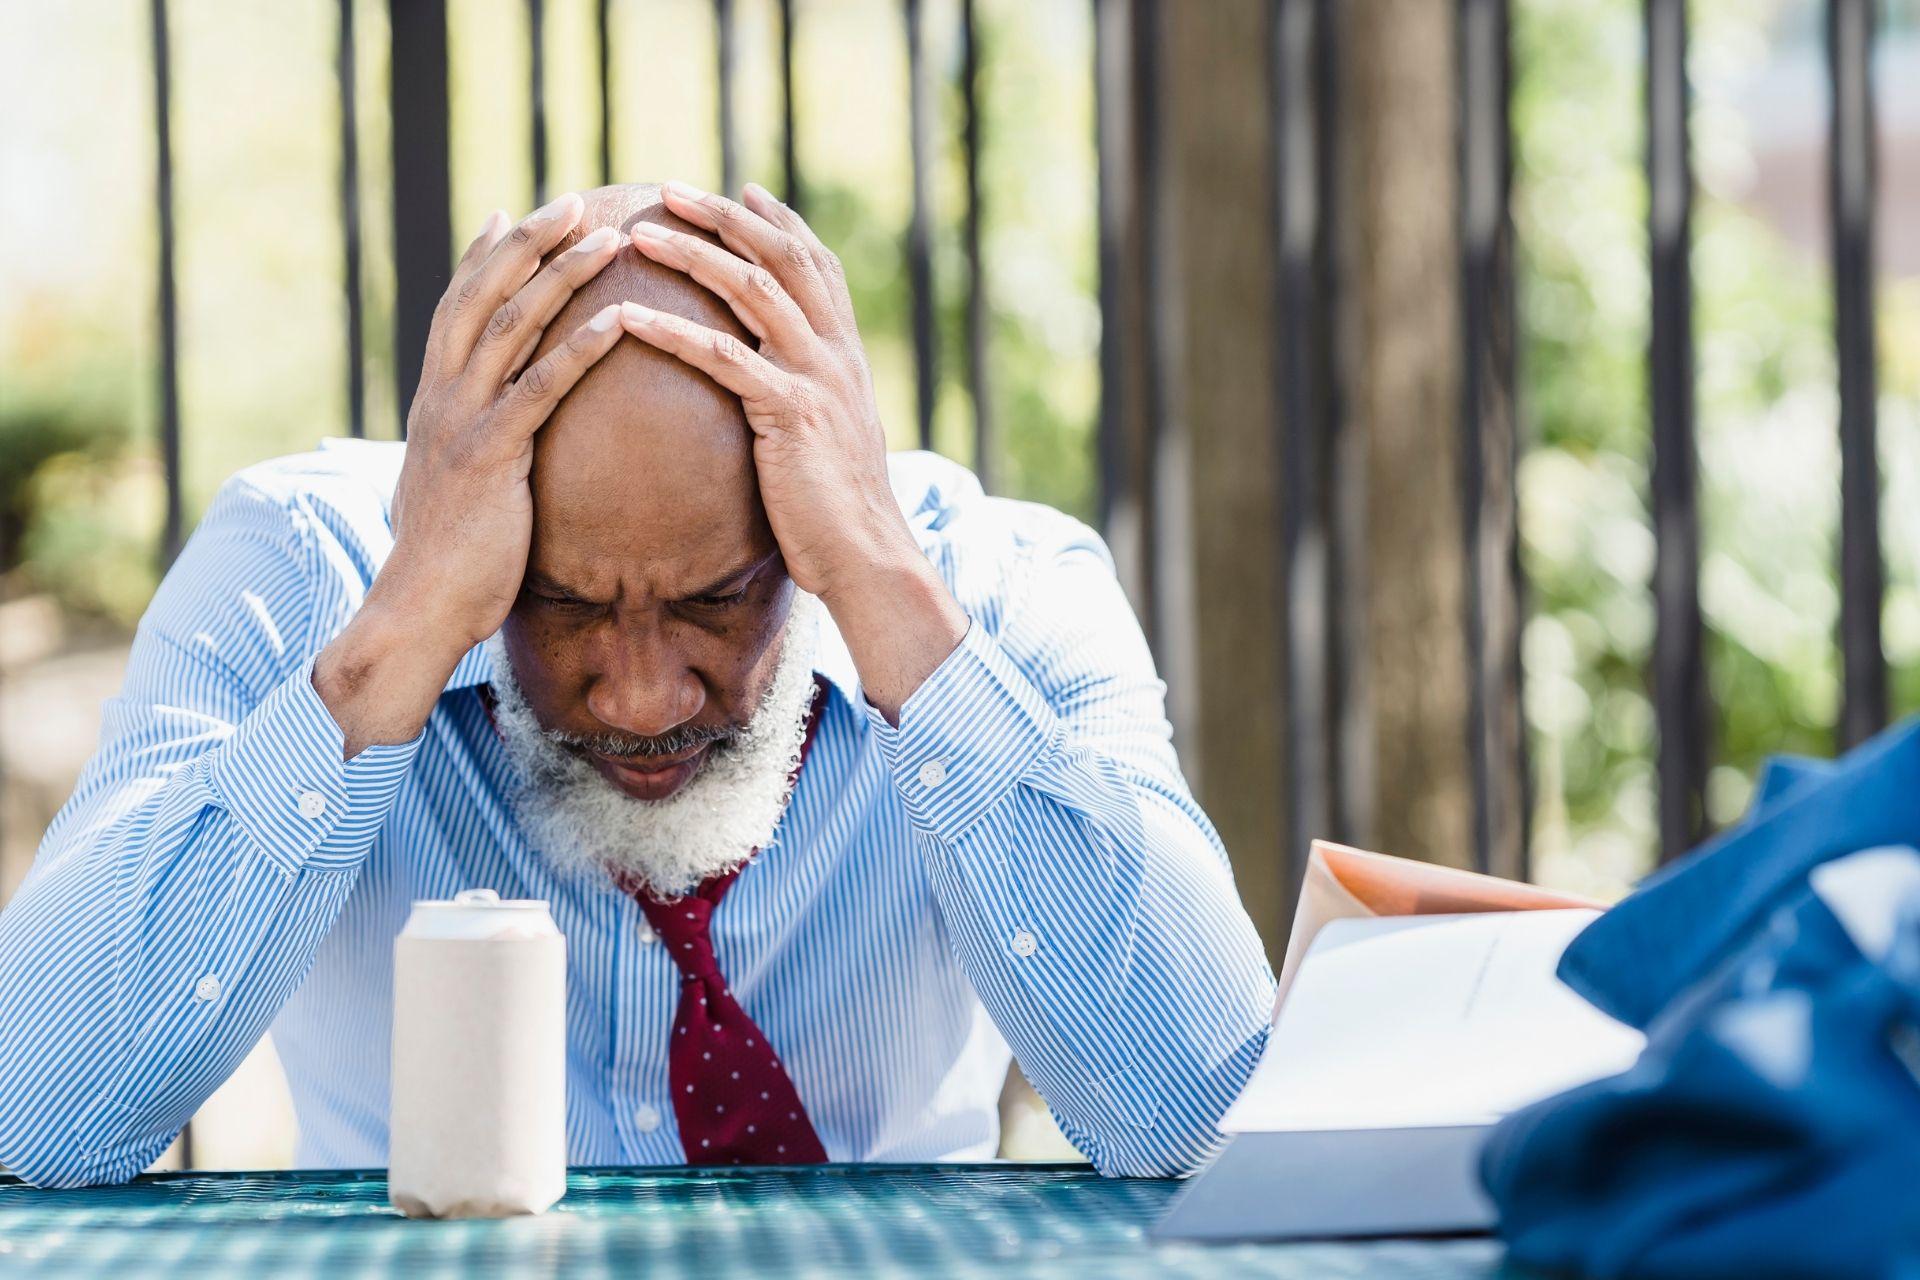 A man cradling his head, feeling worried